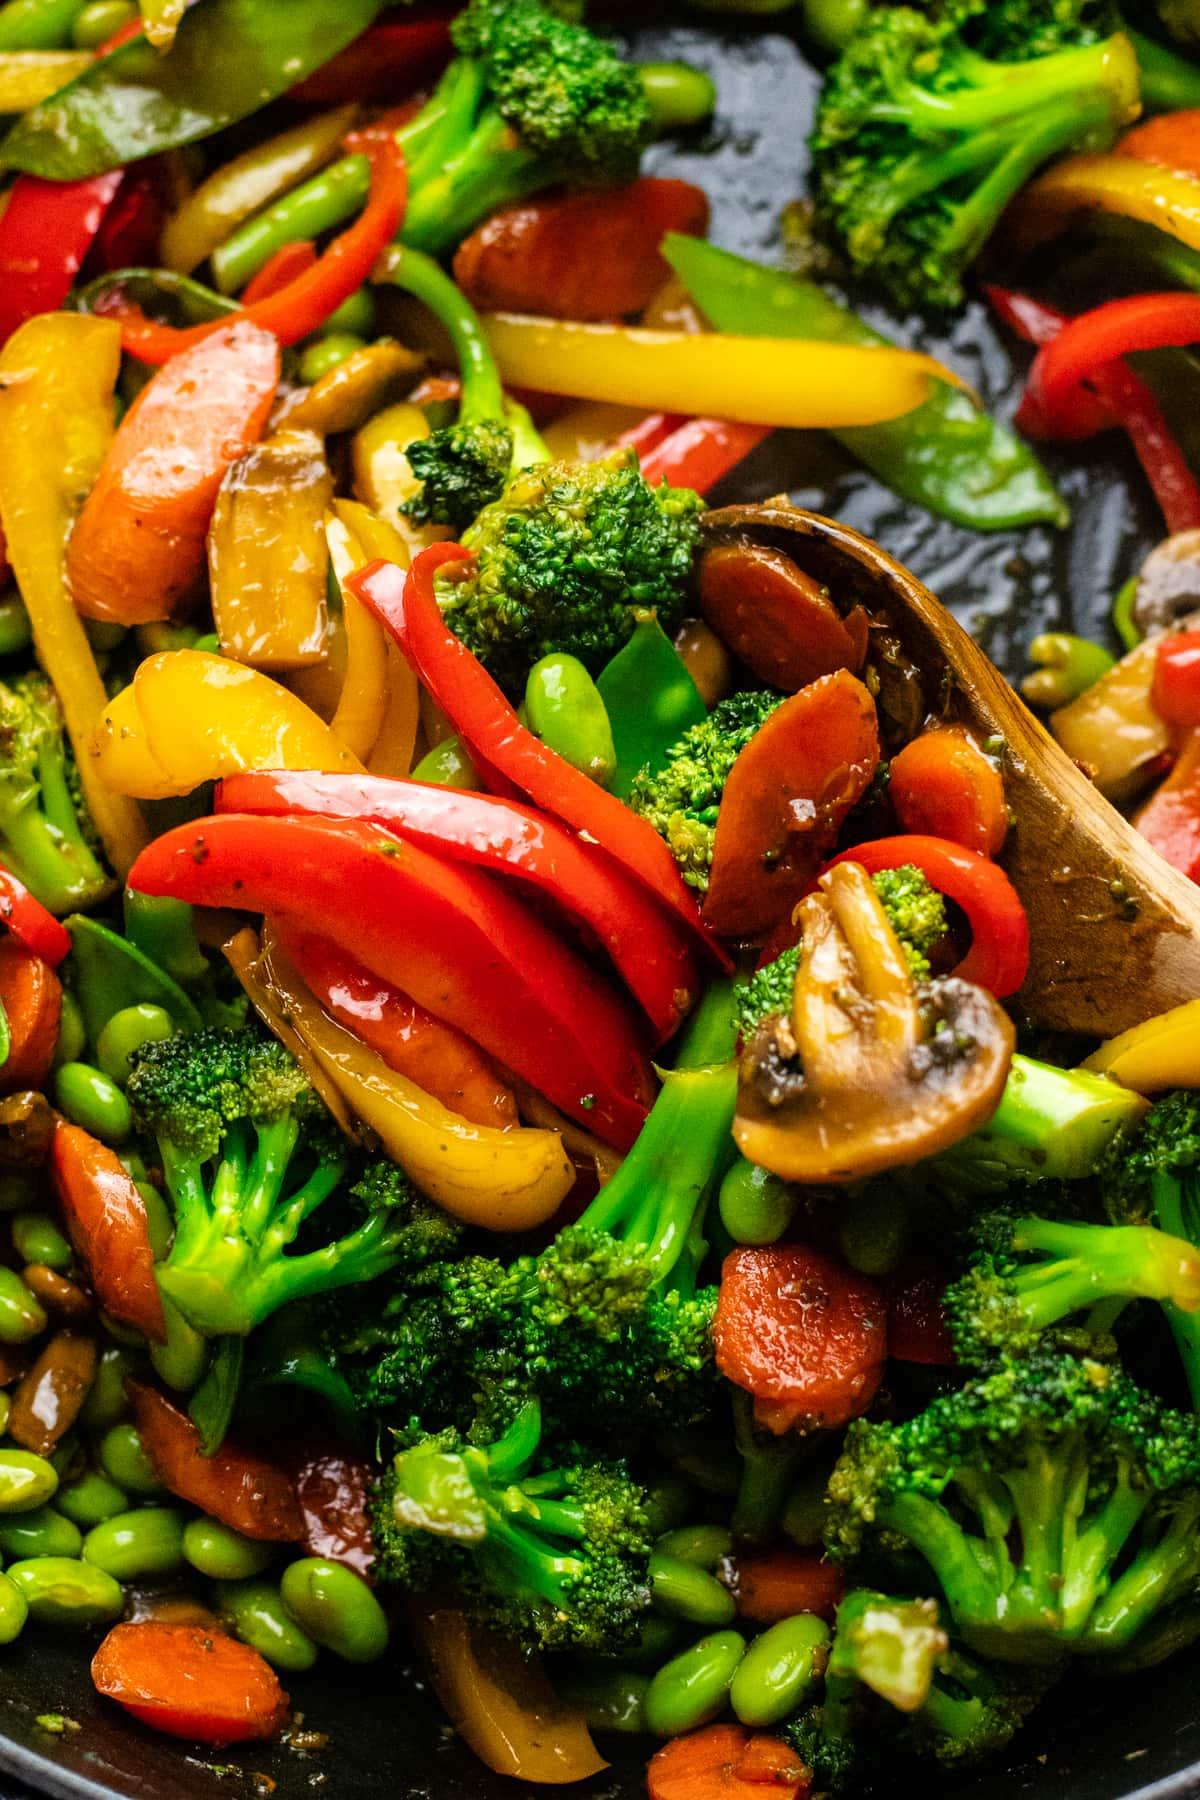 spoon stirring vegetable stir fry in a pan.